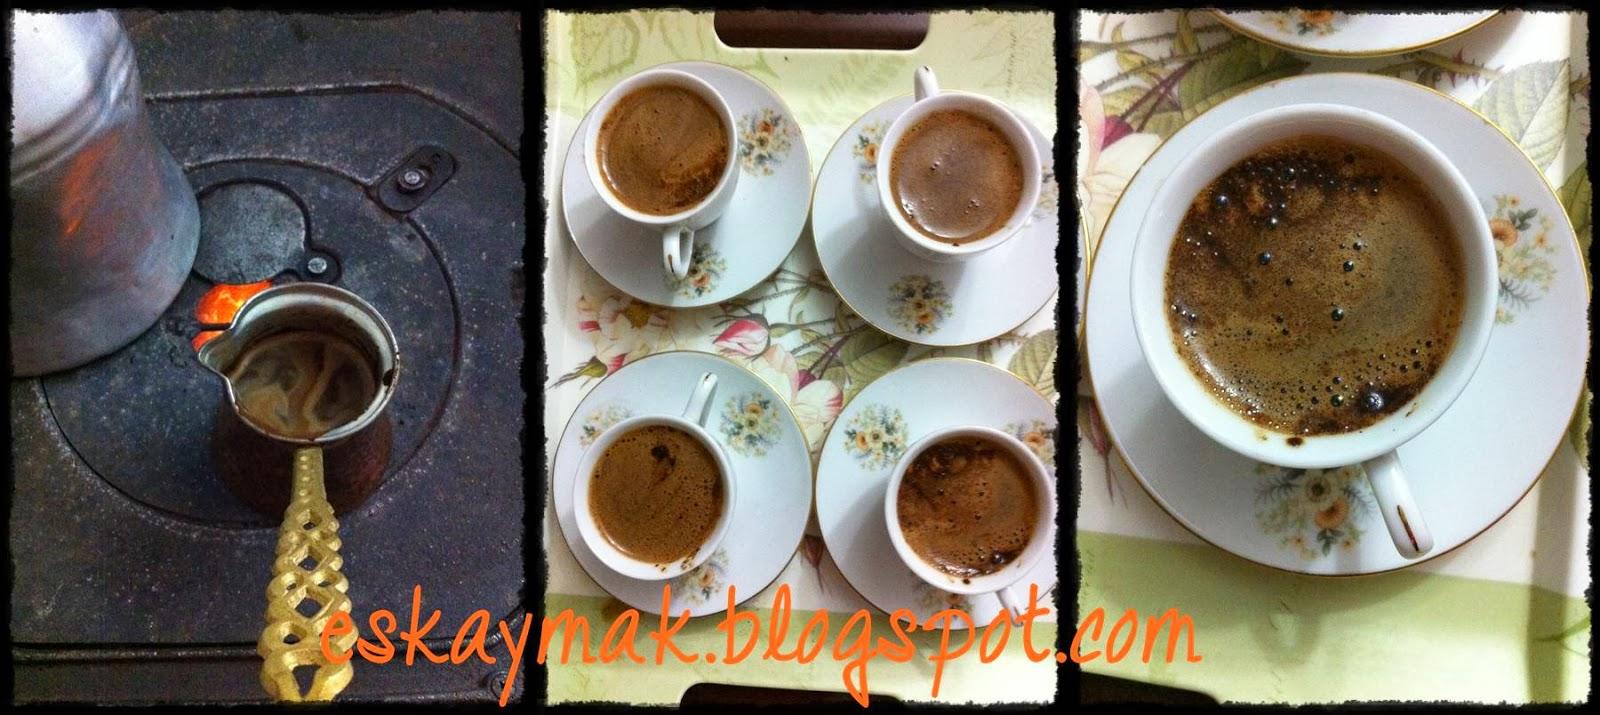 Türk kahvesi, soba, Sobada kahve, bakır cezve, Kendimce,